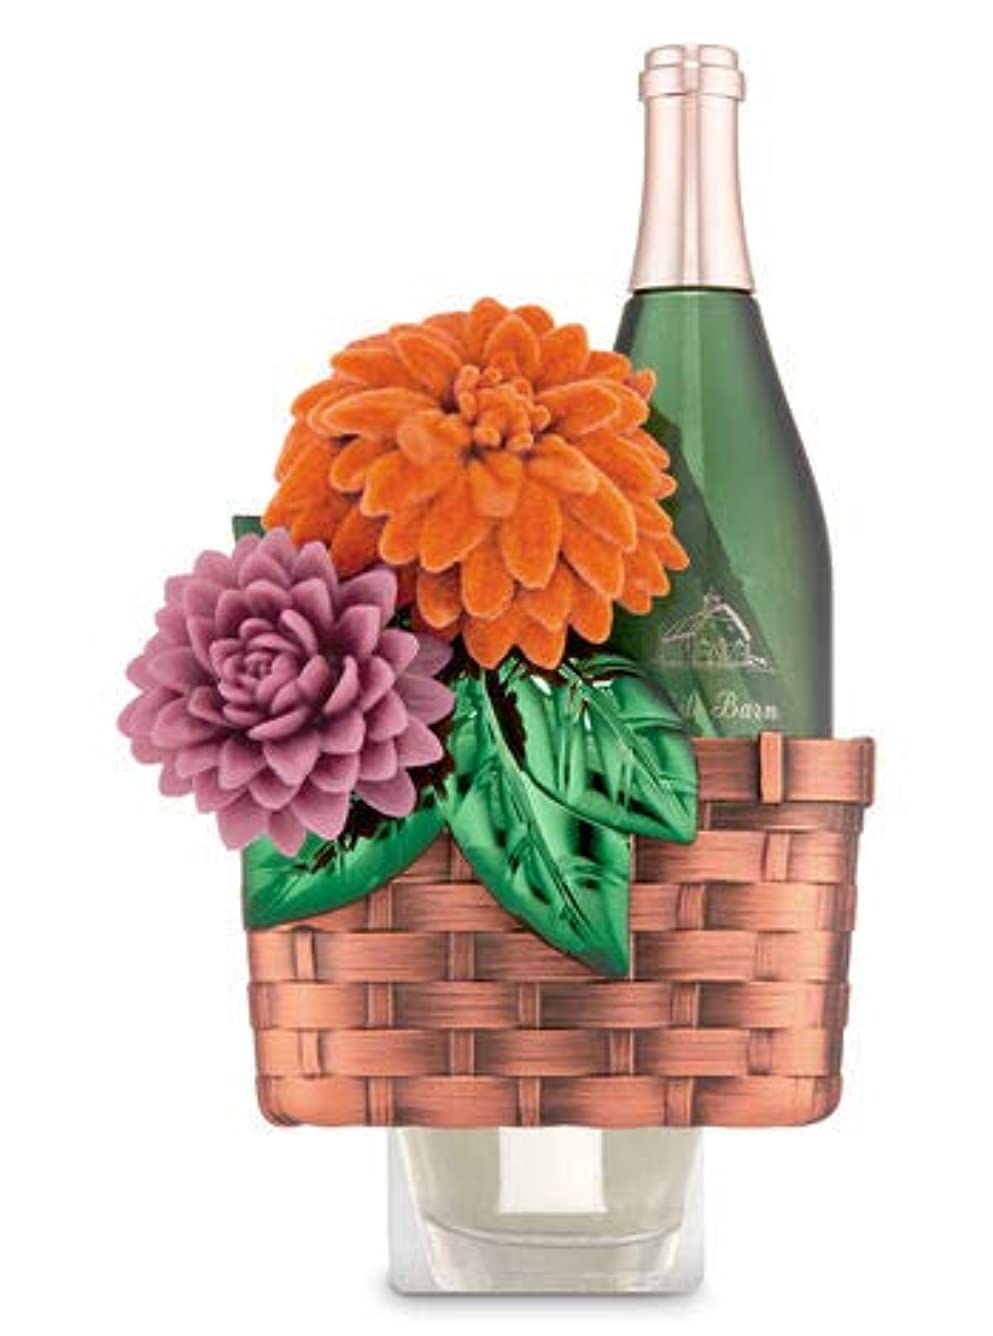 生産性作曲家計画的【Bath&Body Works/バス&ボディワークス】 ルームフレグランス プラグインスターター (本体のみ) ワインバスケット Wallflowers Fragrance Plug Wine Basket [並行輸入品]